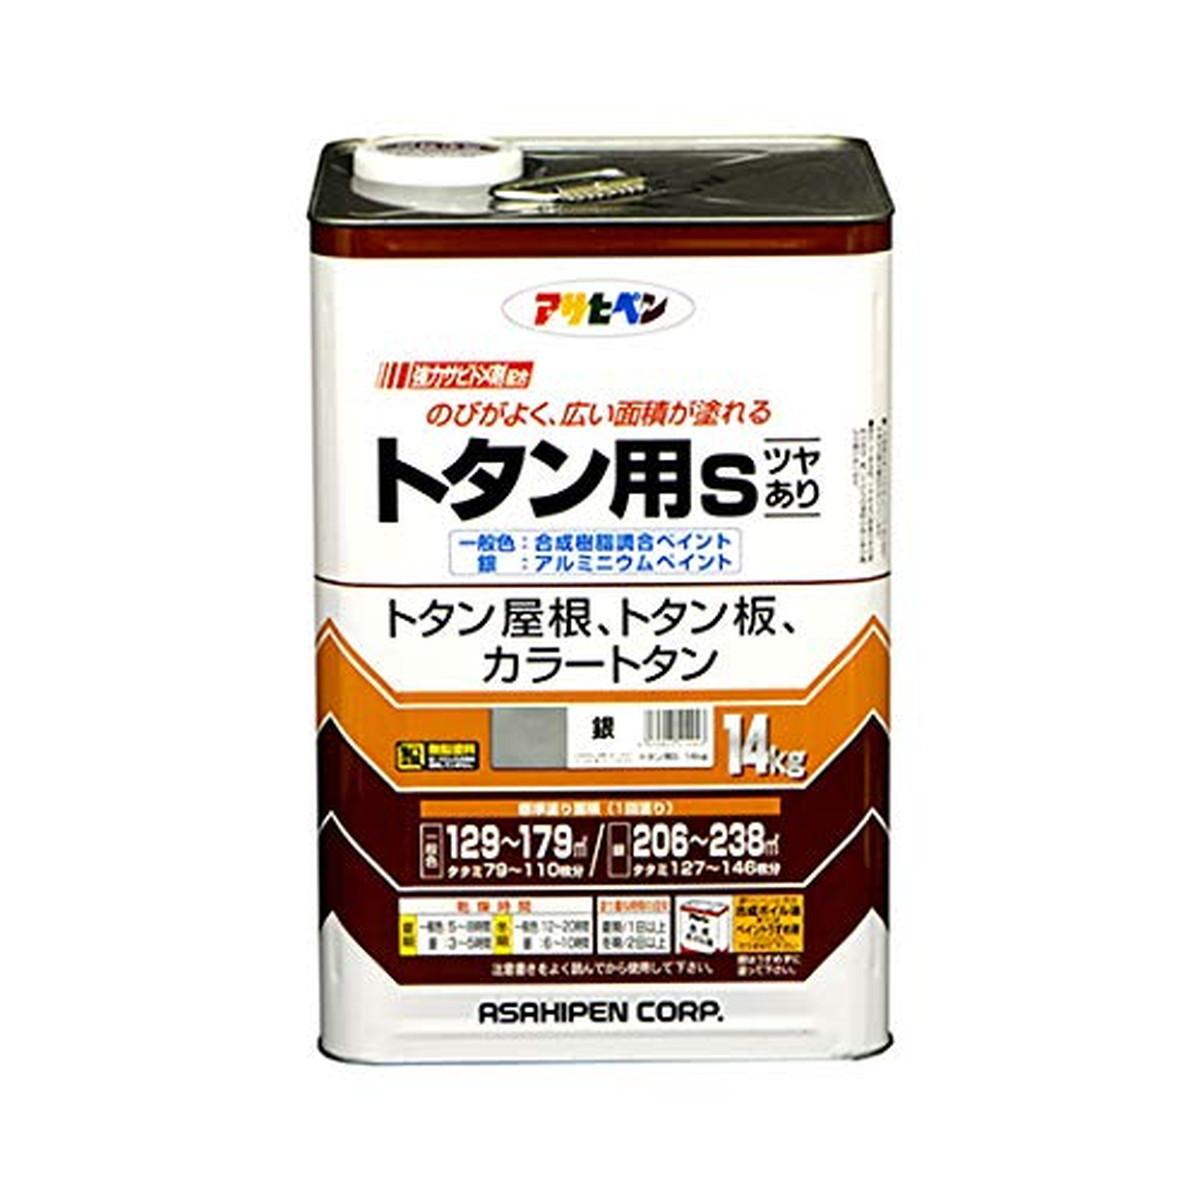 アサヒペン トタン用S 14kg (銀)/62-2301-72【クーポン配布中】